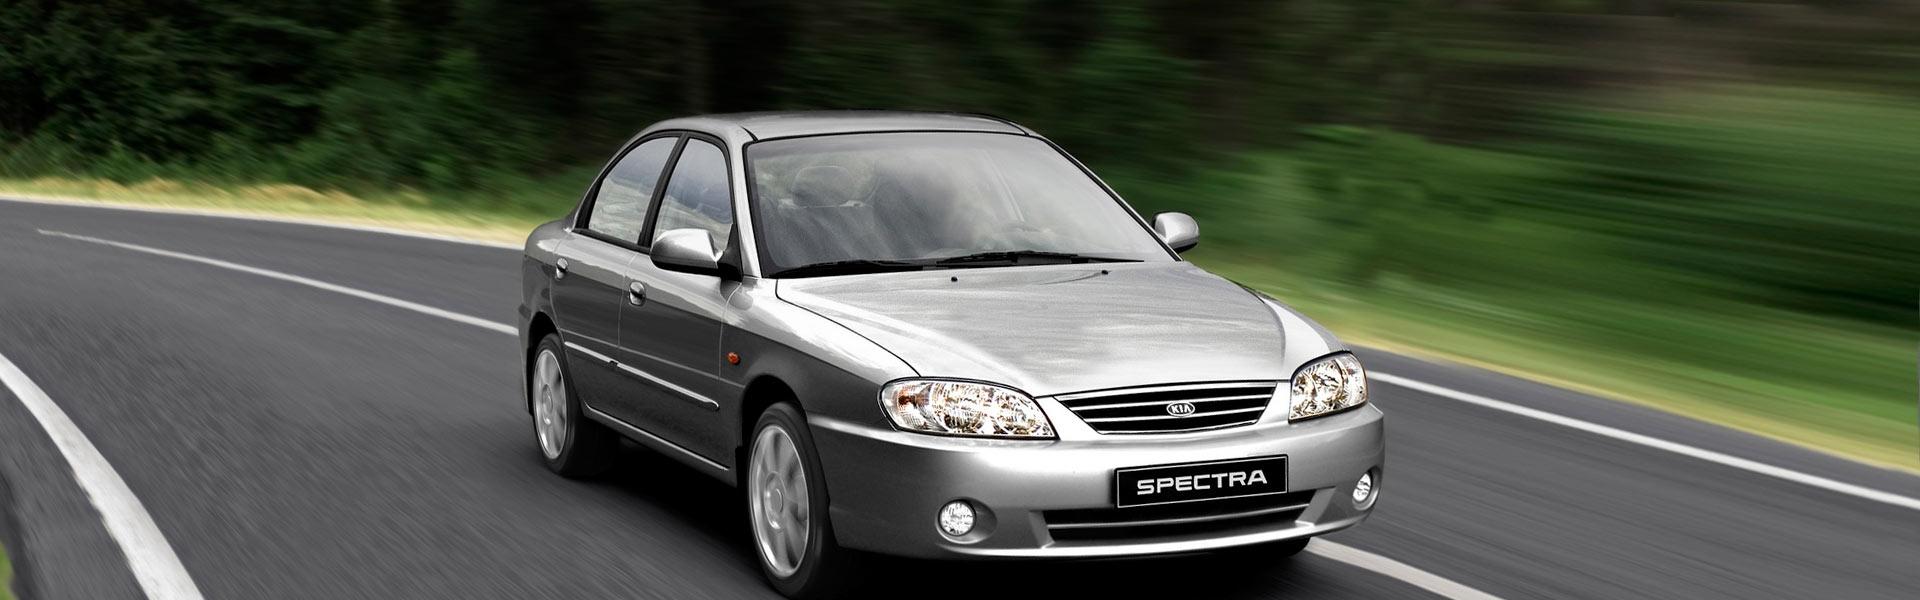 Воздушный фильтр на Kia Spectra